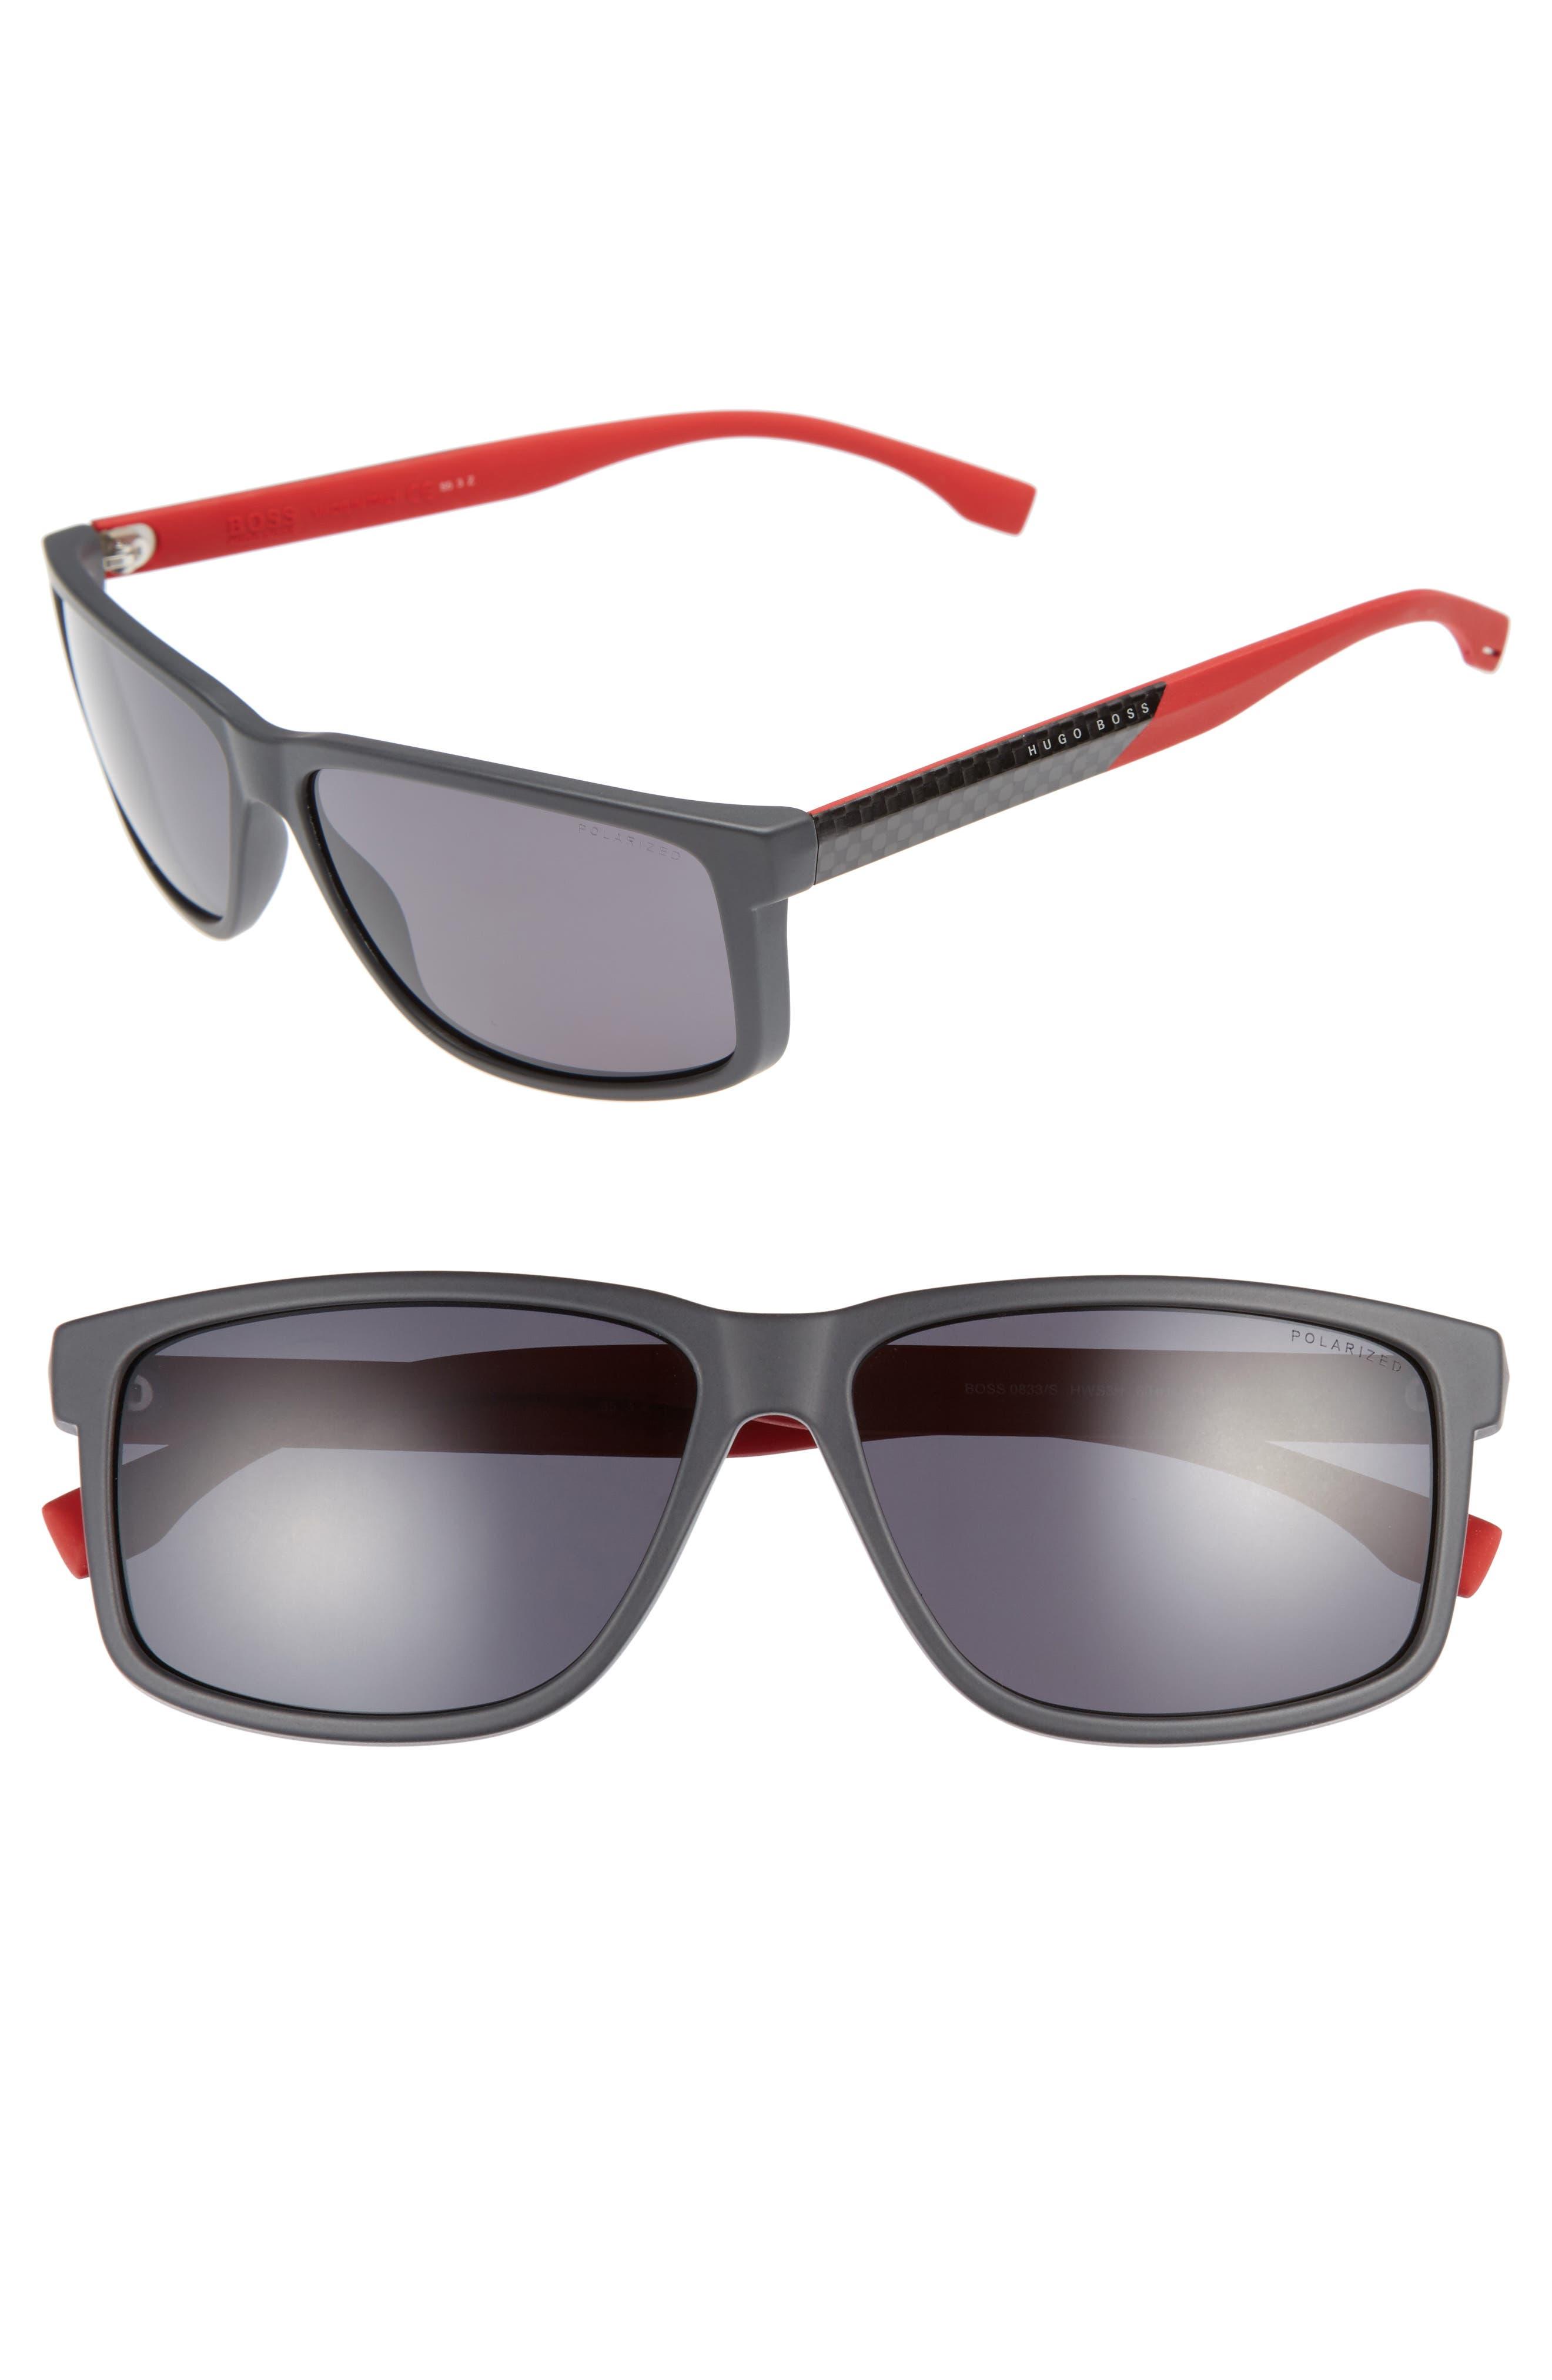 41874d38d21 Men s BOSS Sunglasses   Eye Glasses